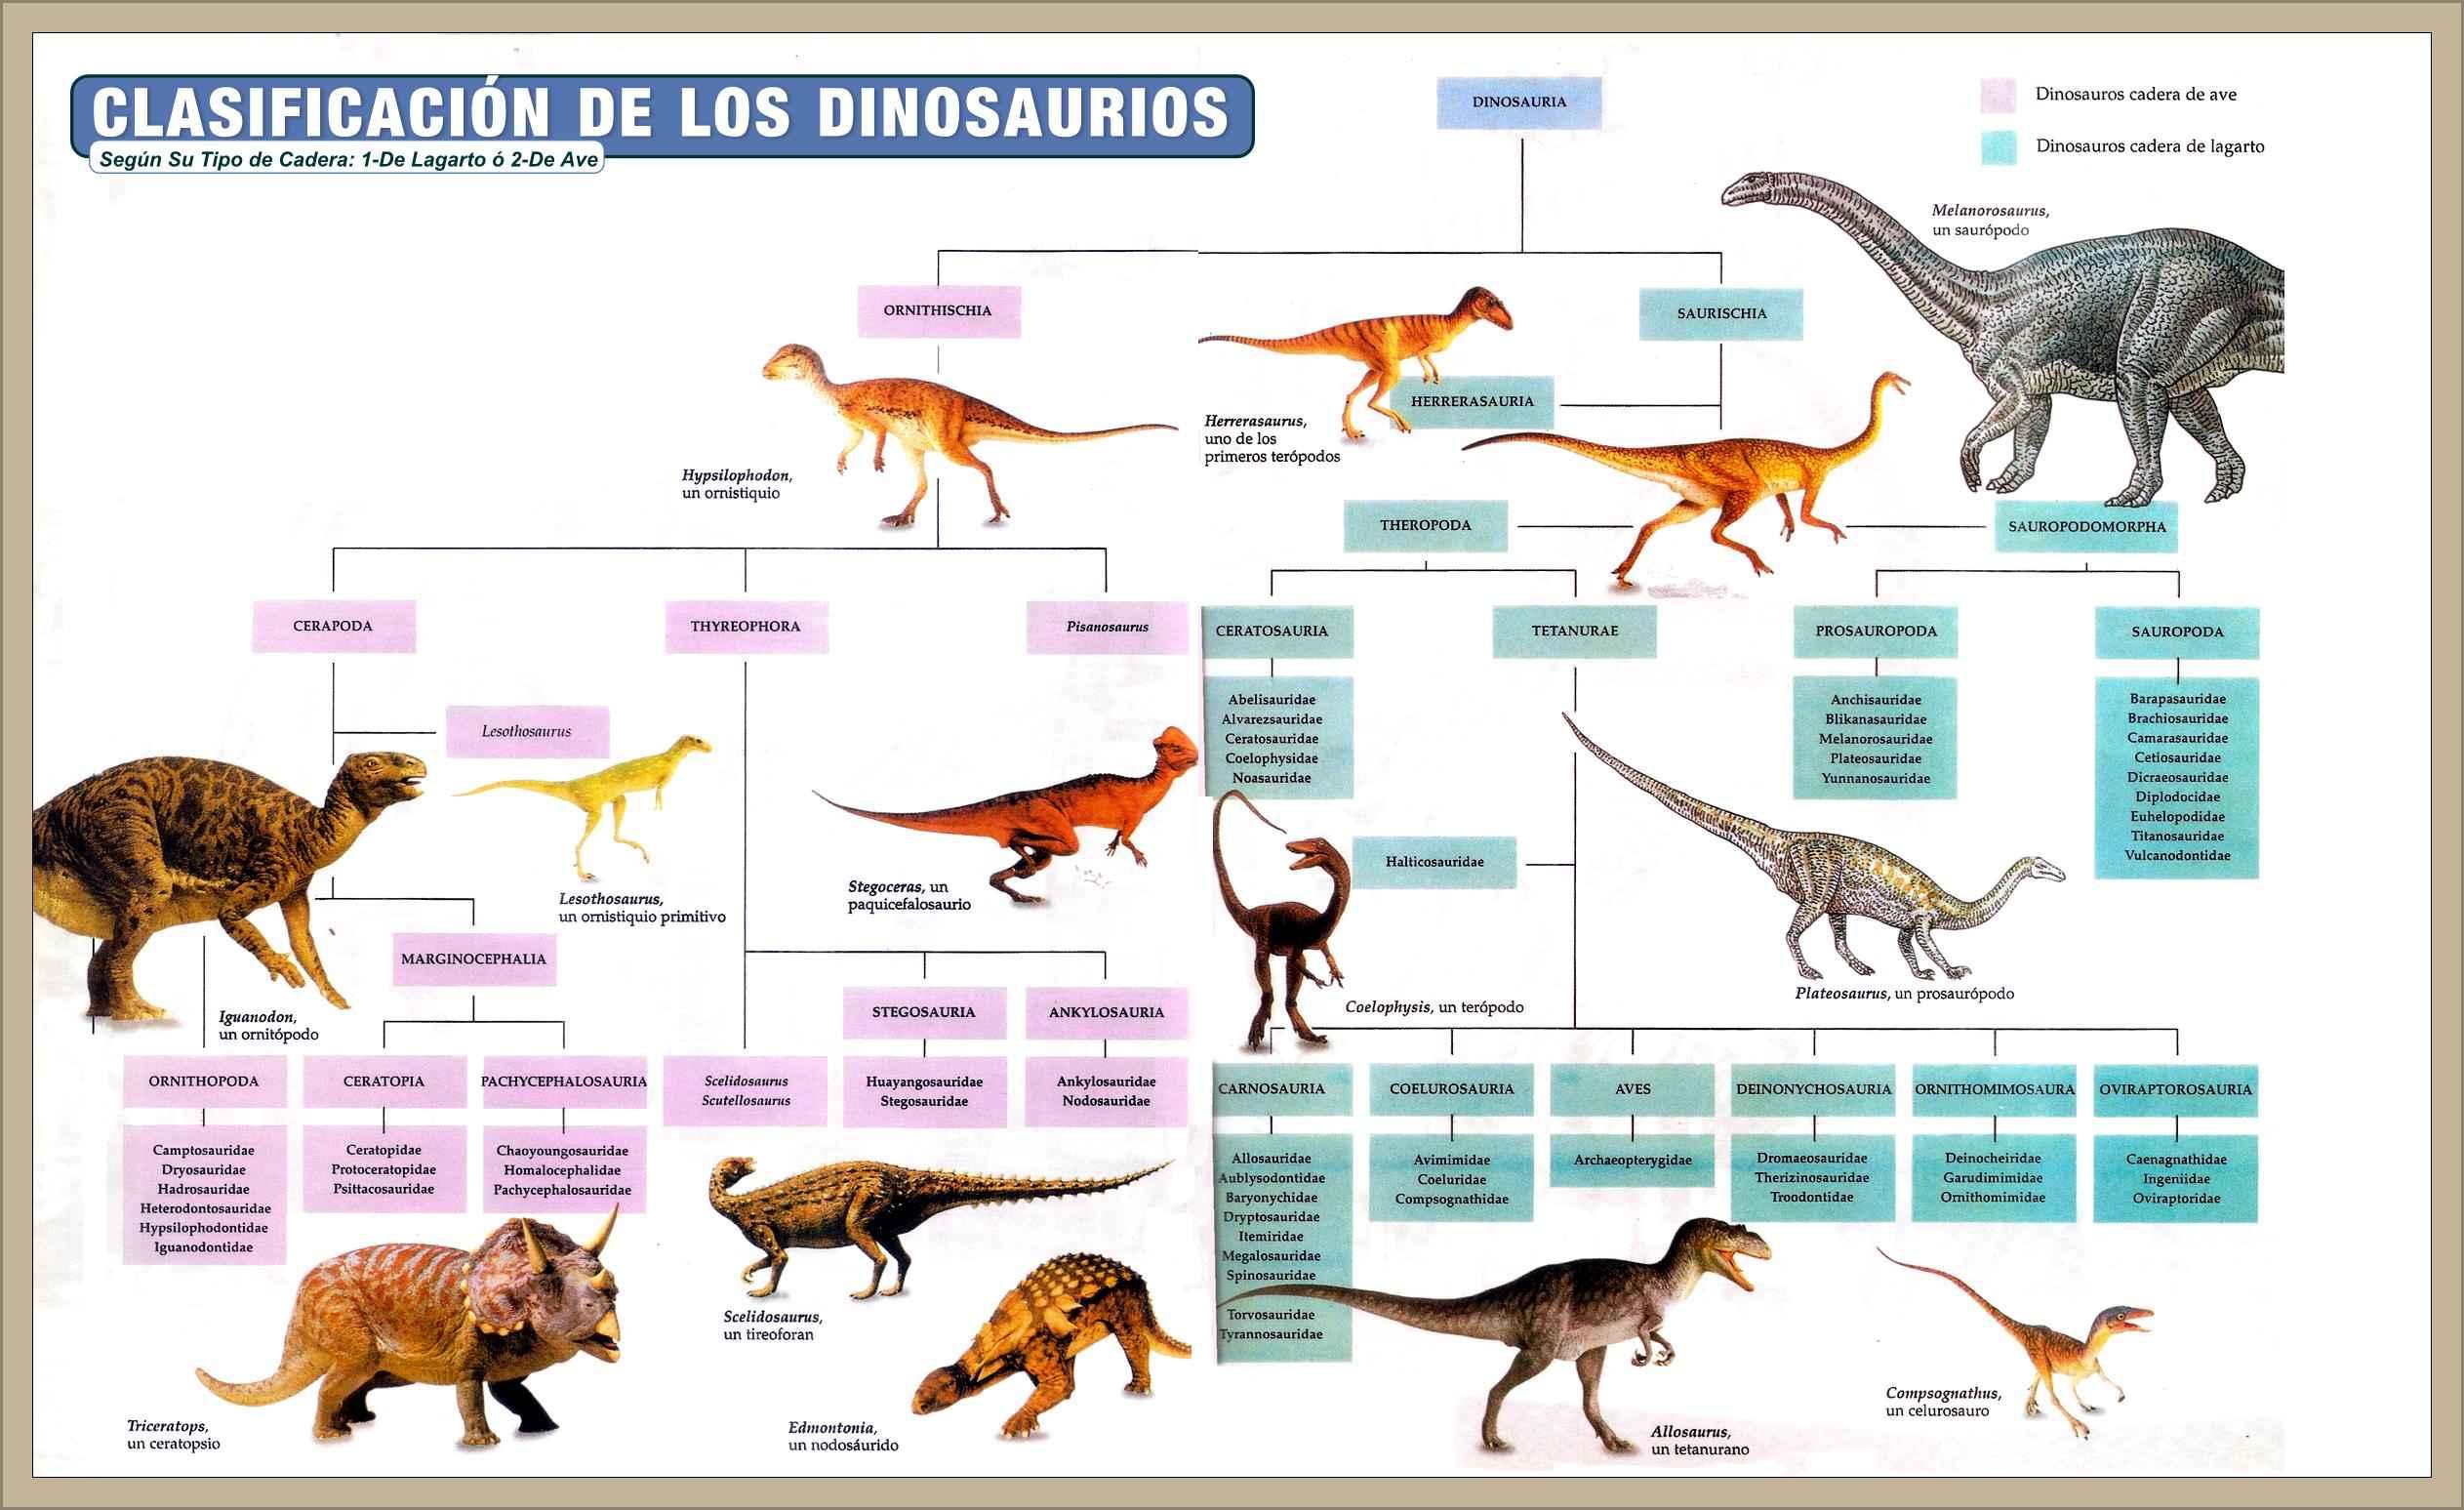 Tipos De Dinosaurios Caracteristicas Clasificacion Nombres Biografias E Historia Universal Argentina Y De La Ciencia Los que vivían en tierra firma eran enormes. tipos de dinosaurios caracteristicas